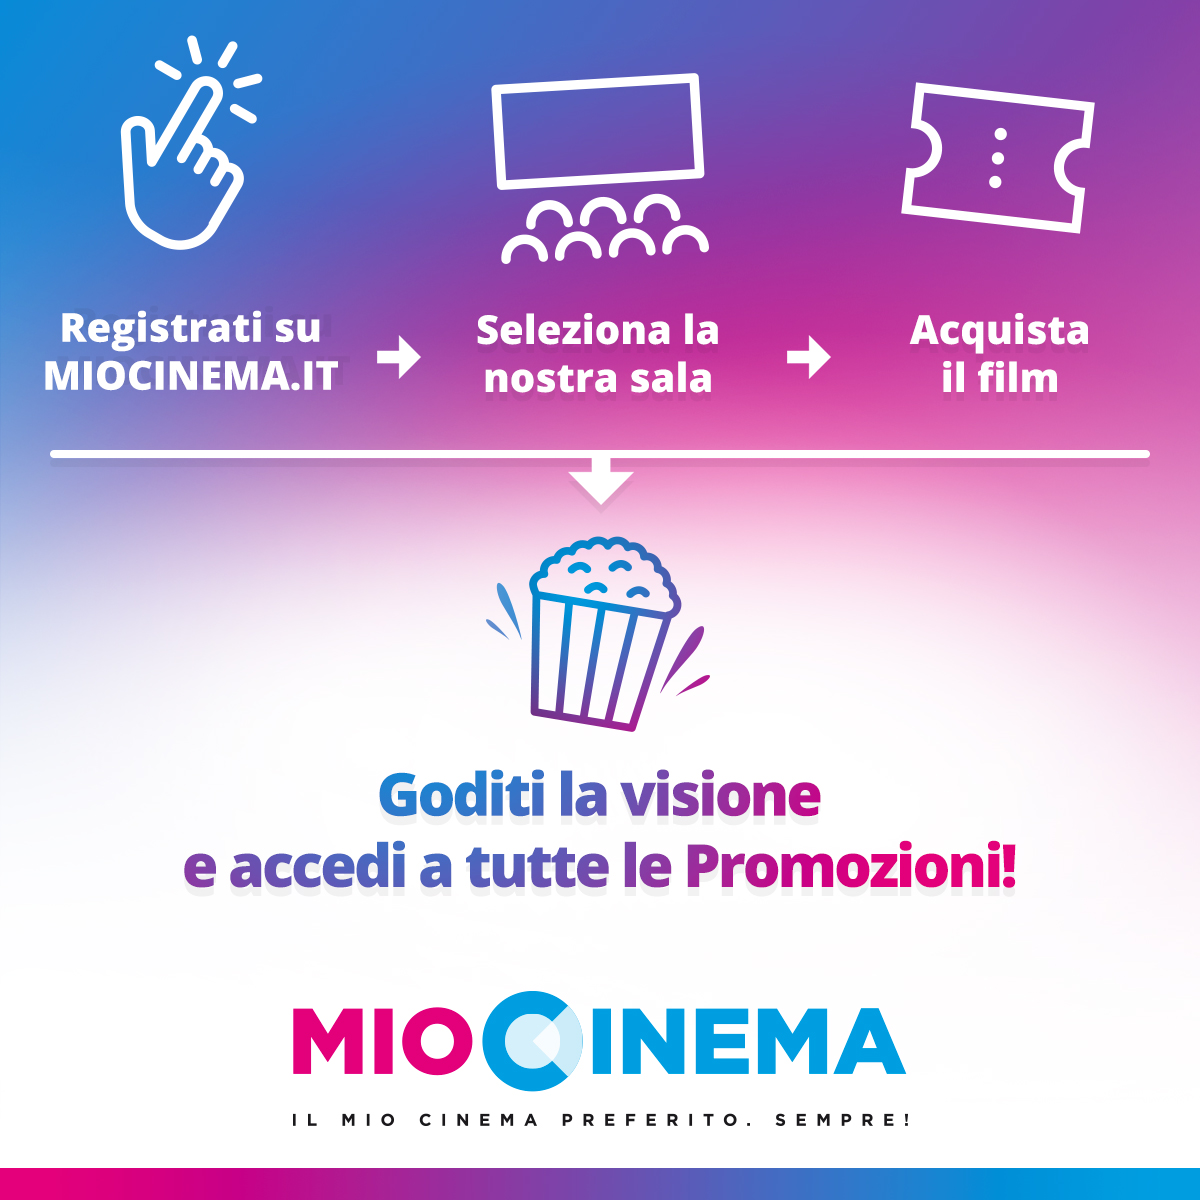 miocinema_instruction